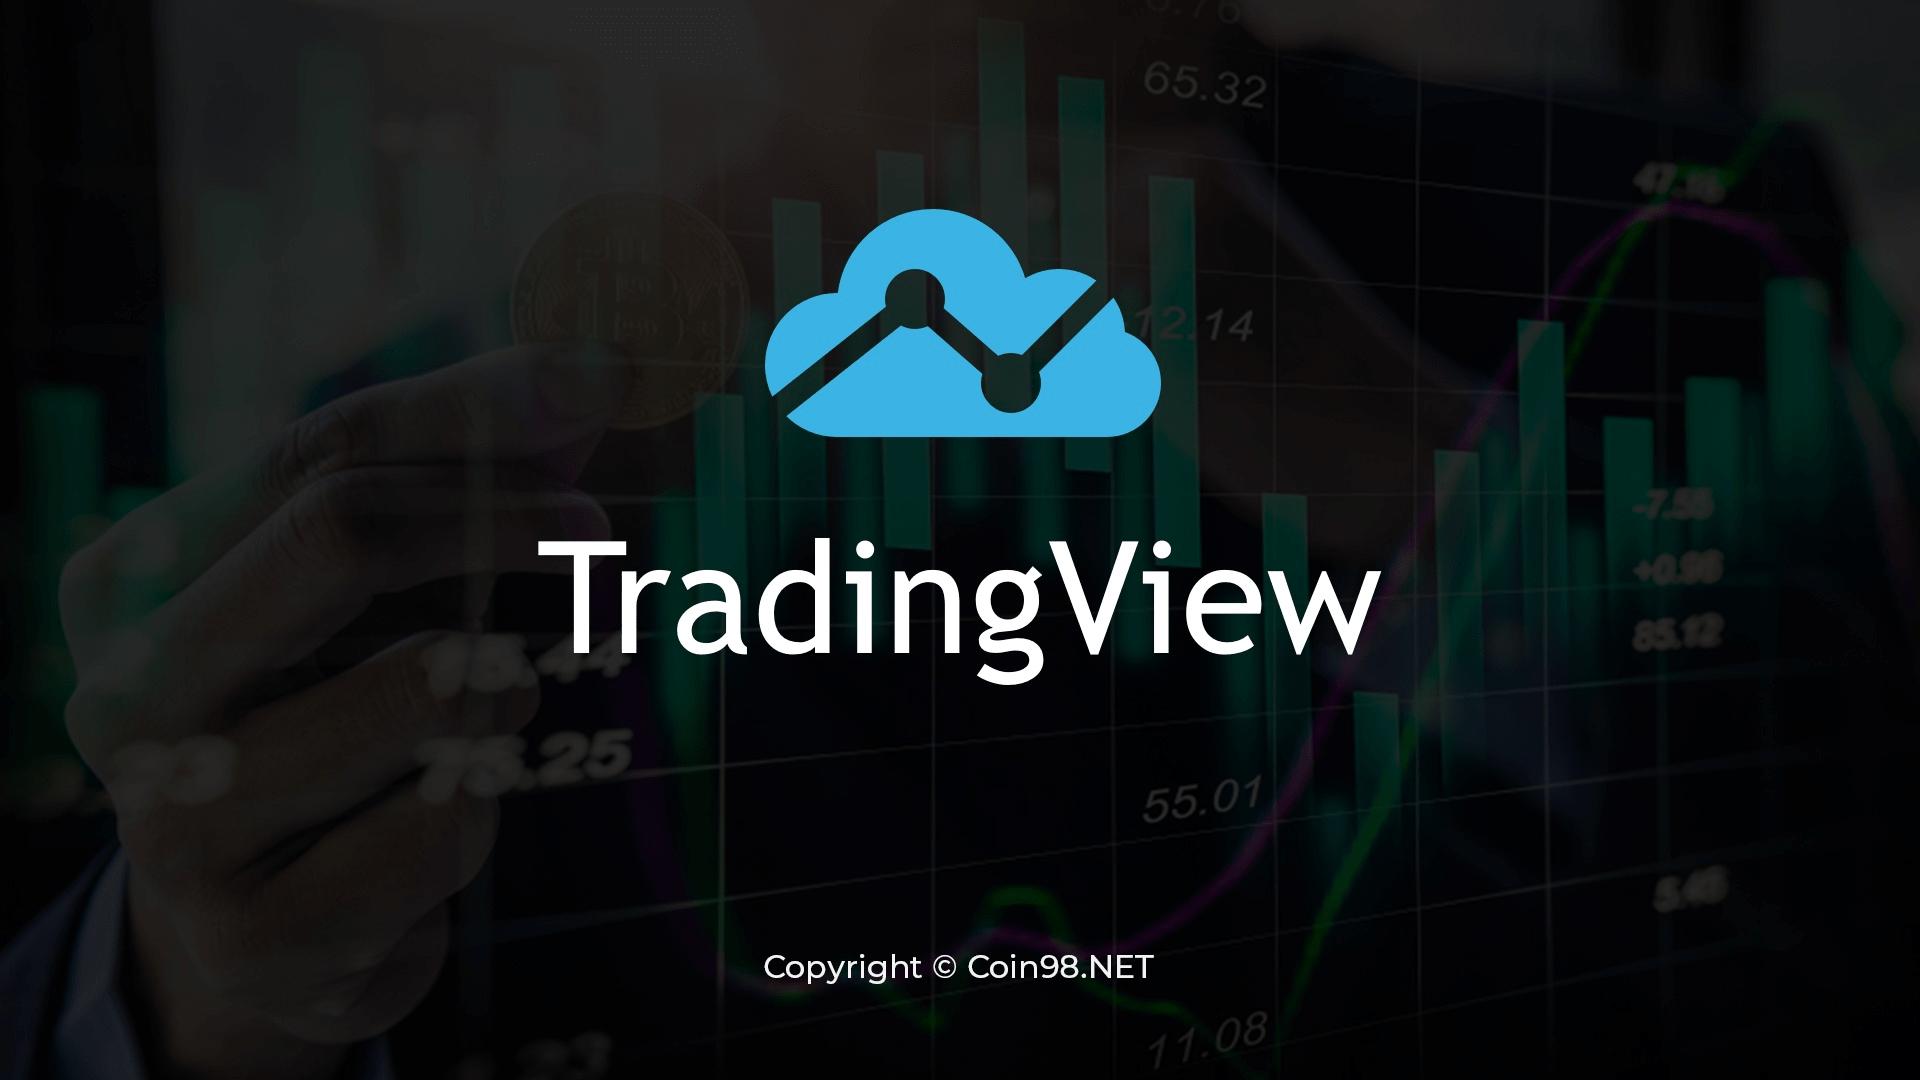 có nên dùng trading view hay không